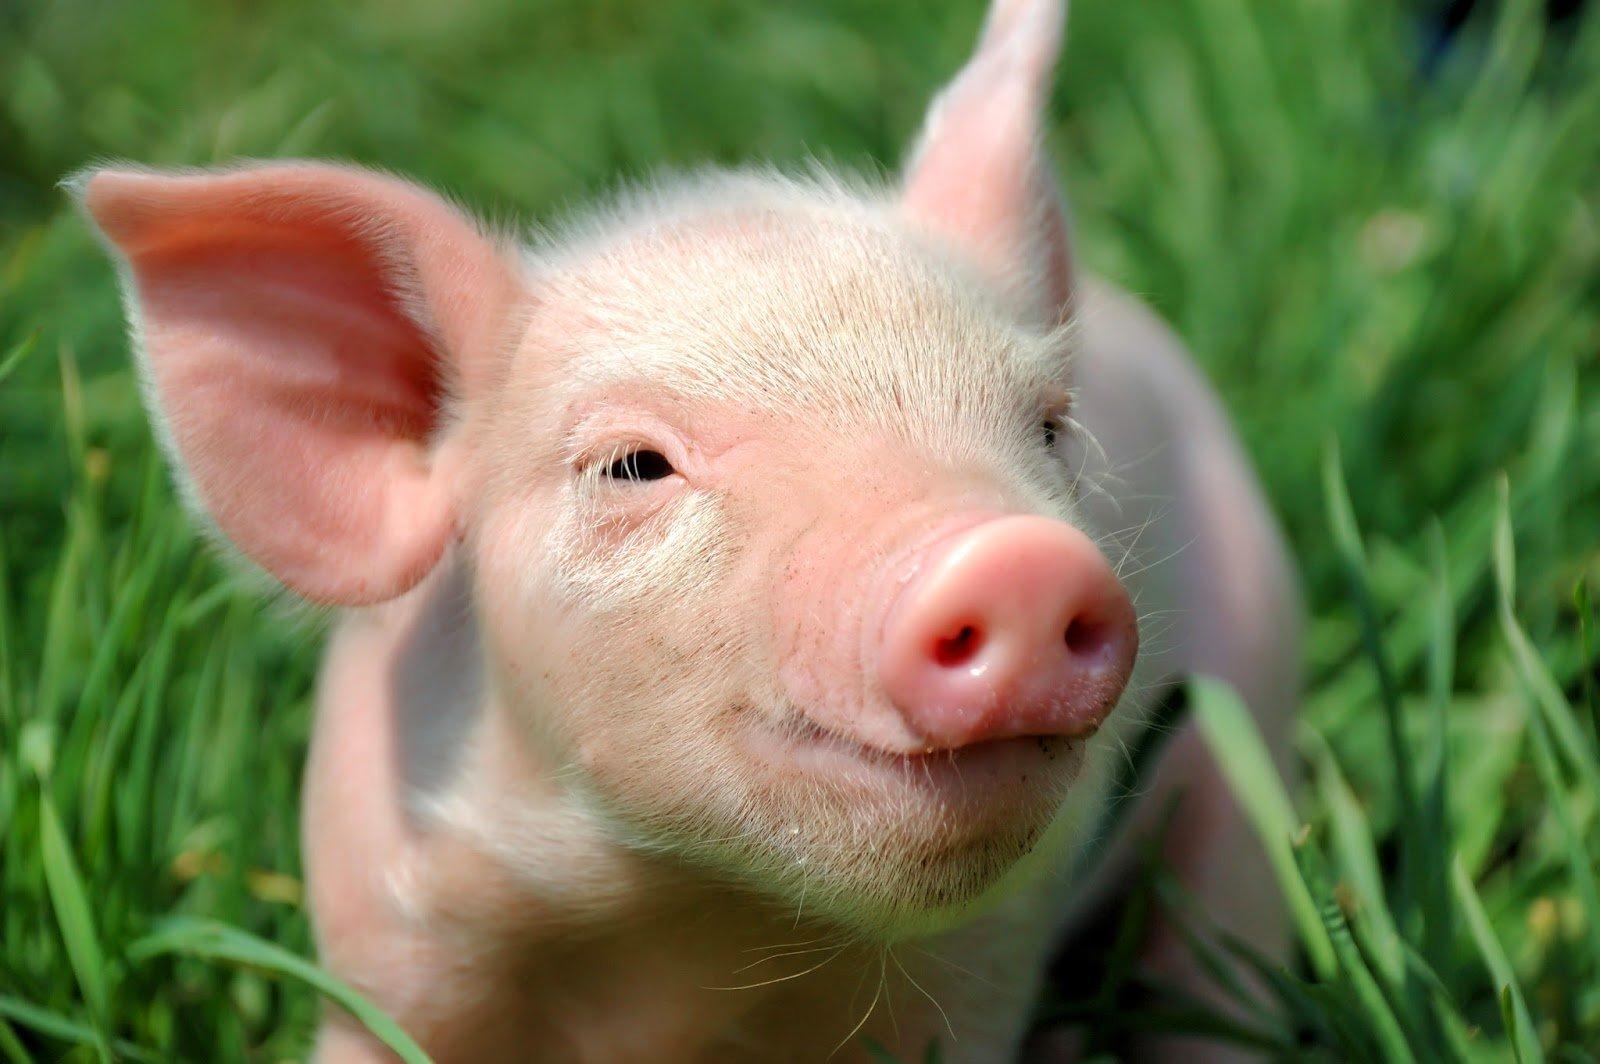 TBS Next Gen: Suffering pigs in factory farming